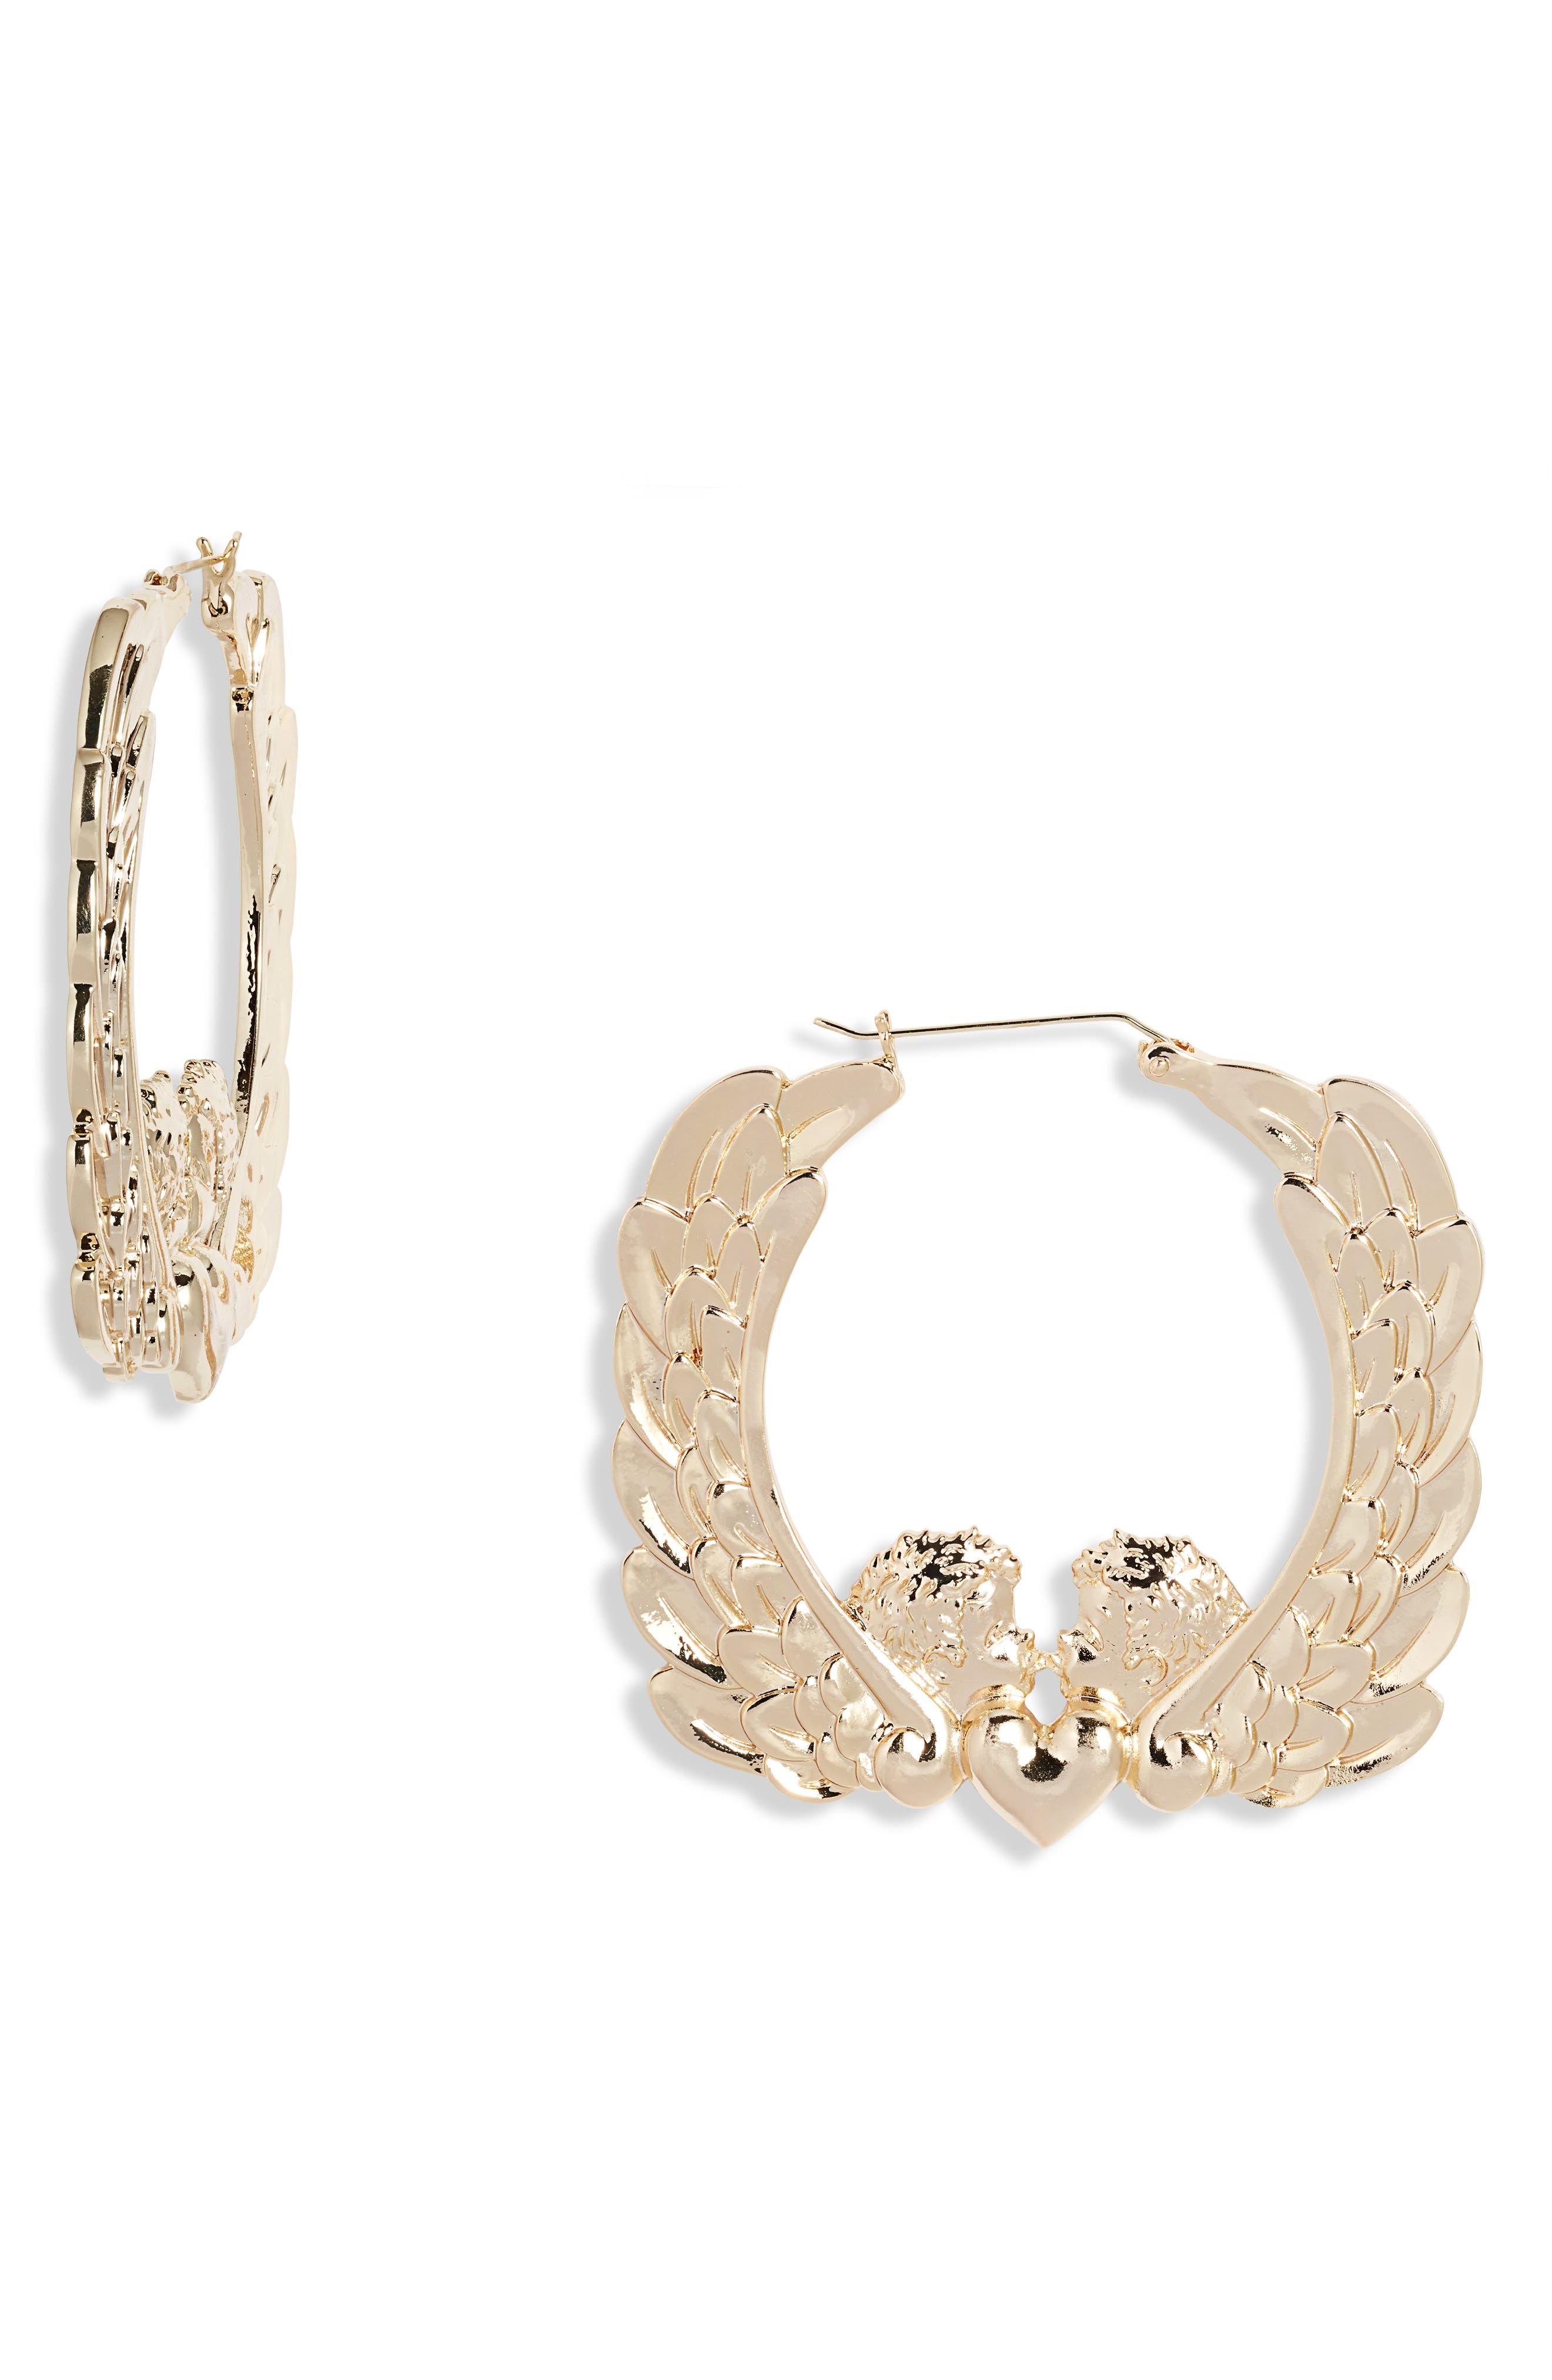 Cherub Hoop Earrings